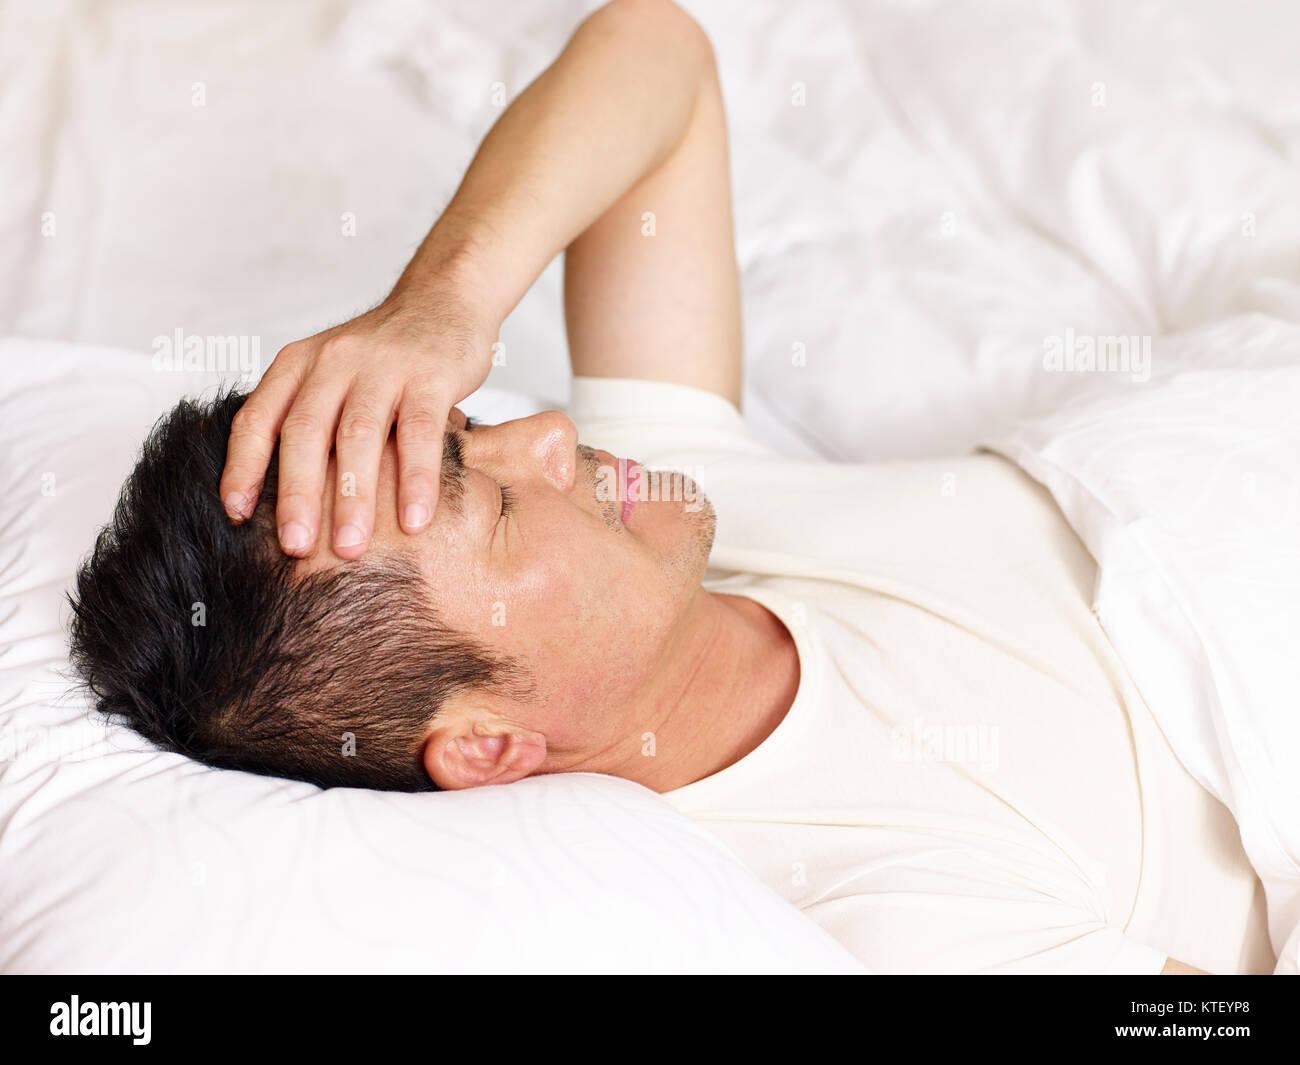 Asian men in bed